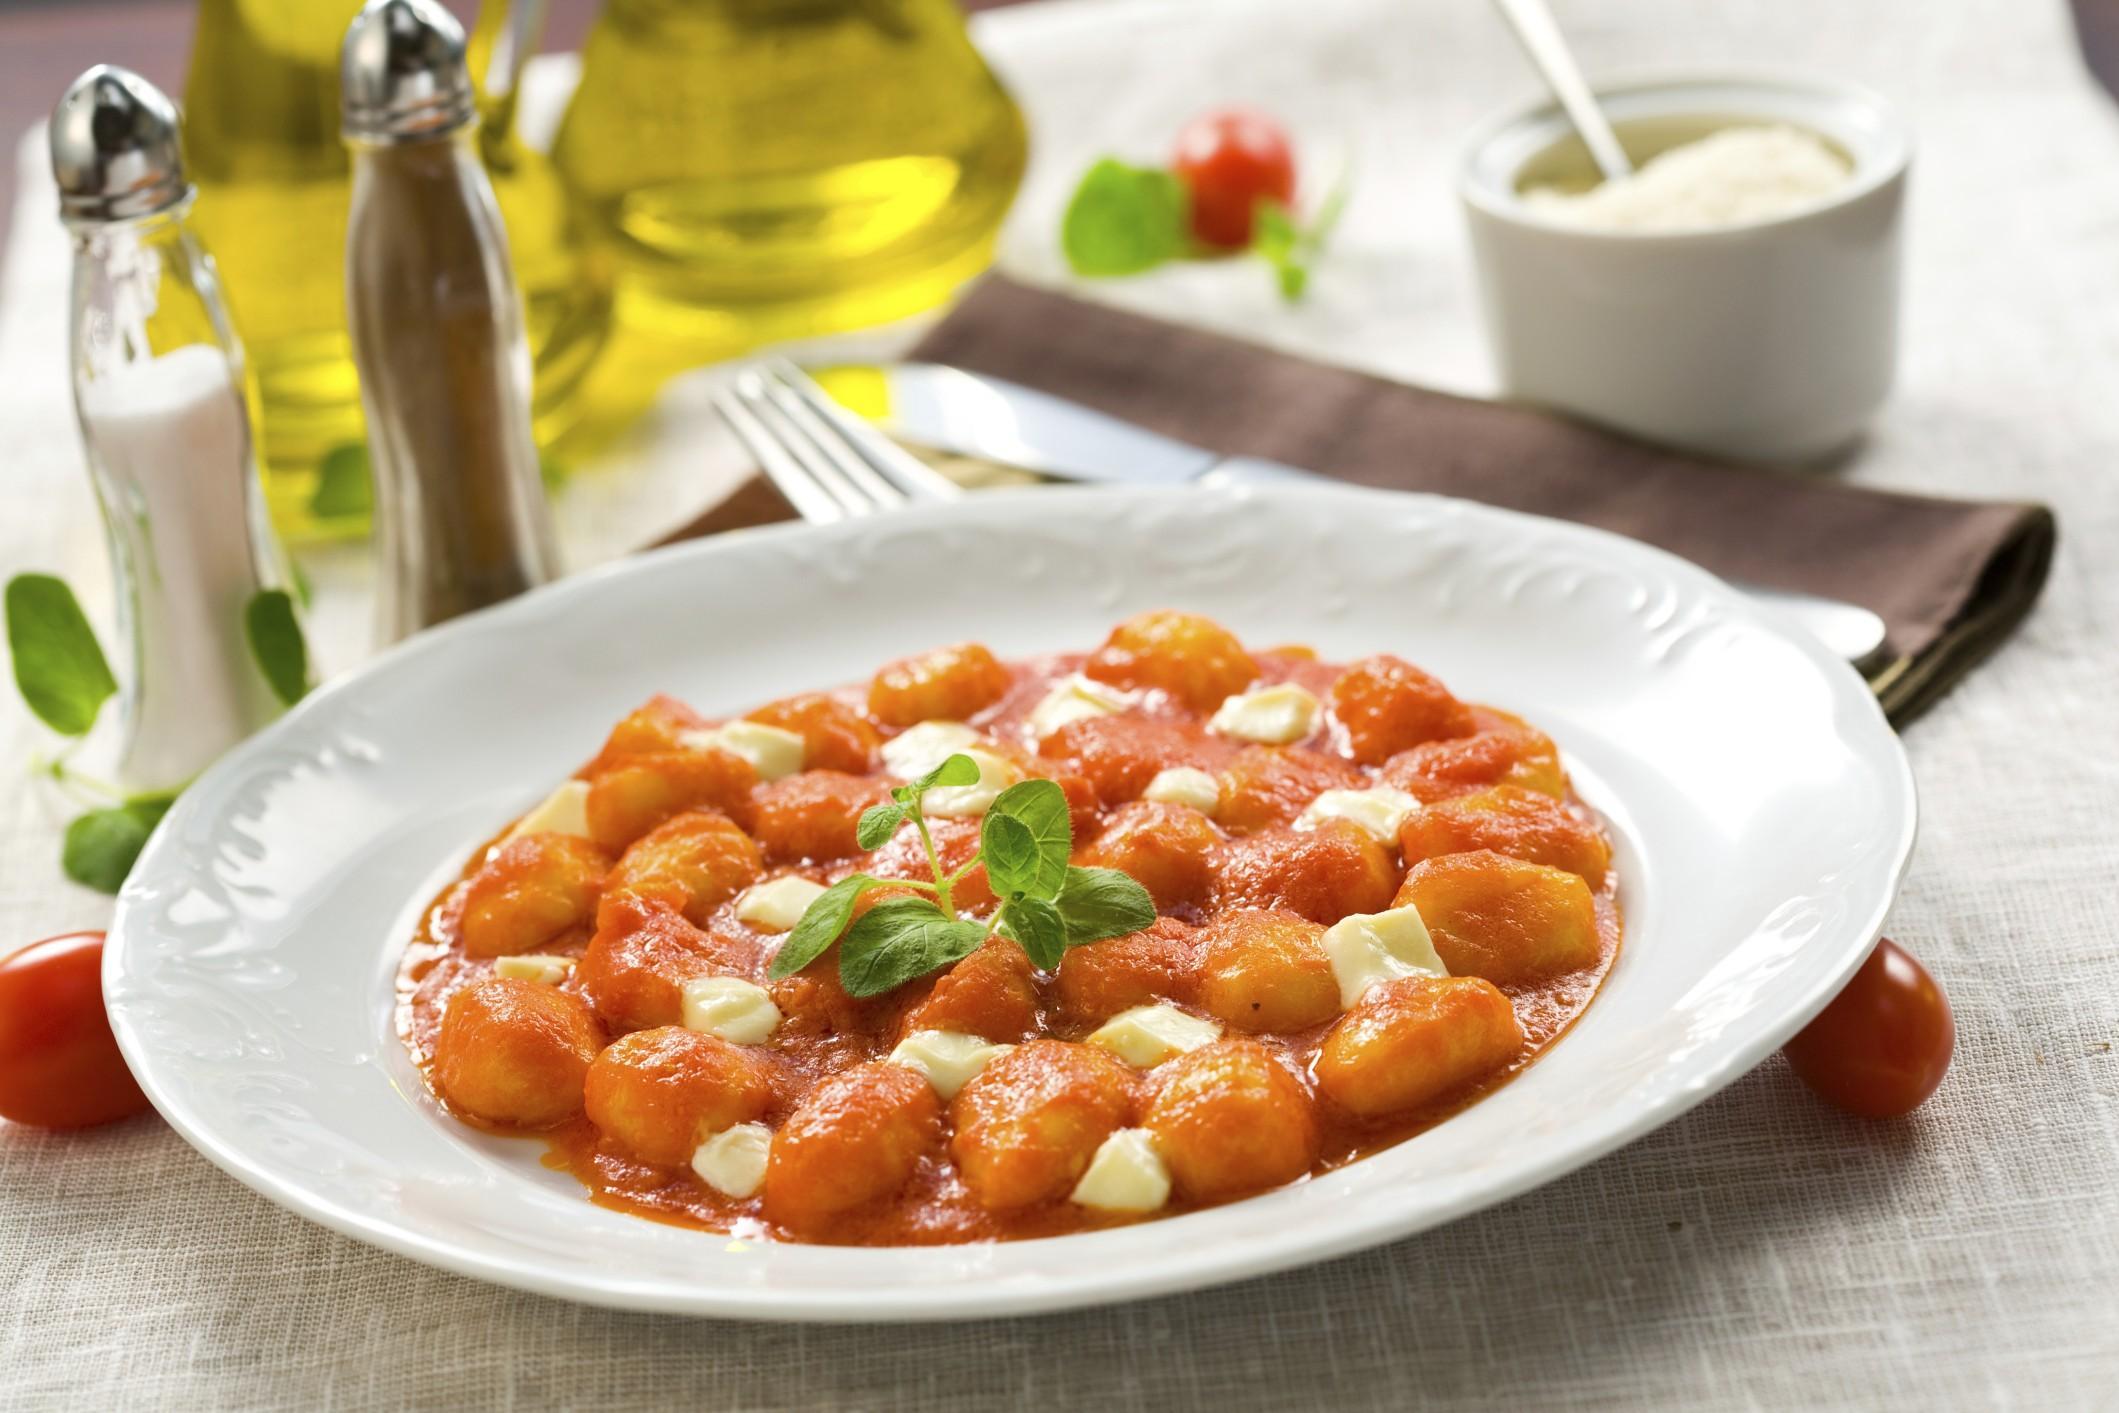 ricetta-gnocchi-alla-sorrentina-senza-uova_3183cb06caee96039b9dfddc48fda0aa